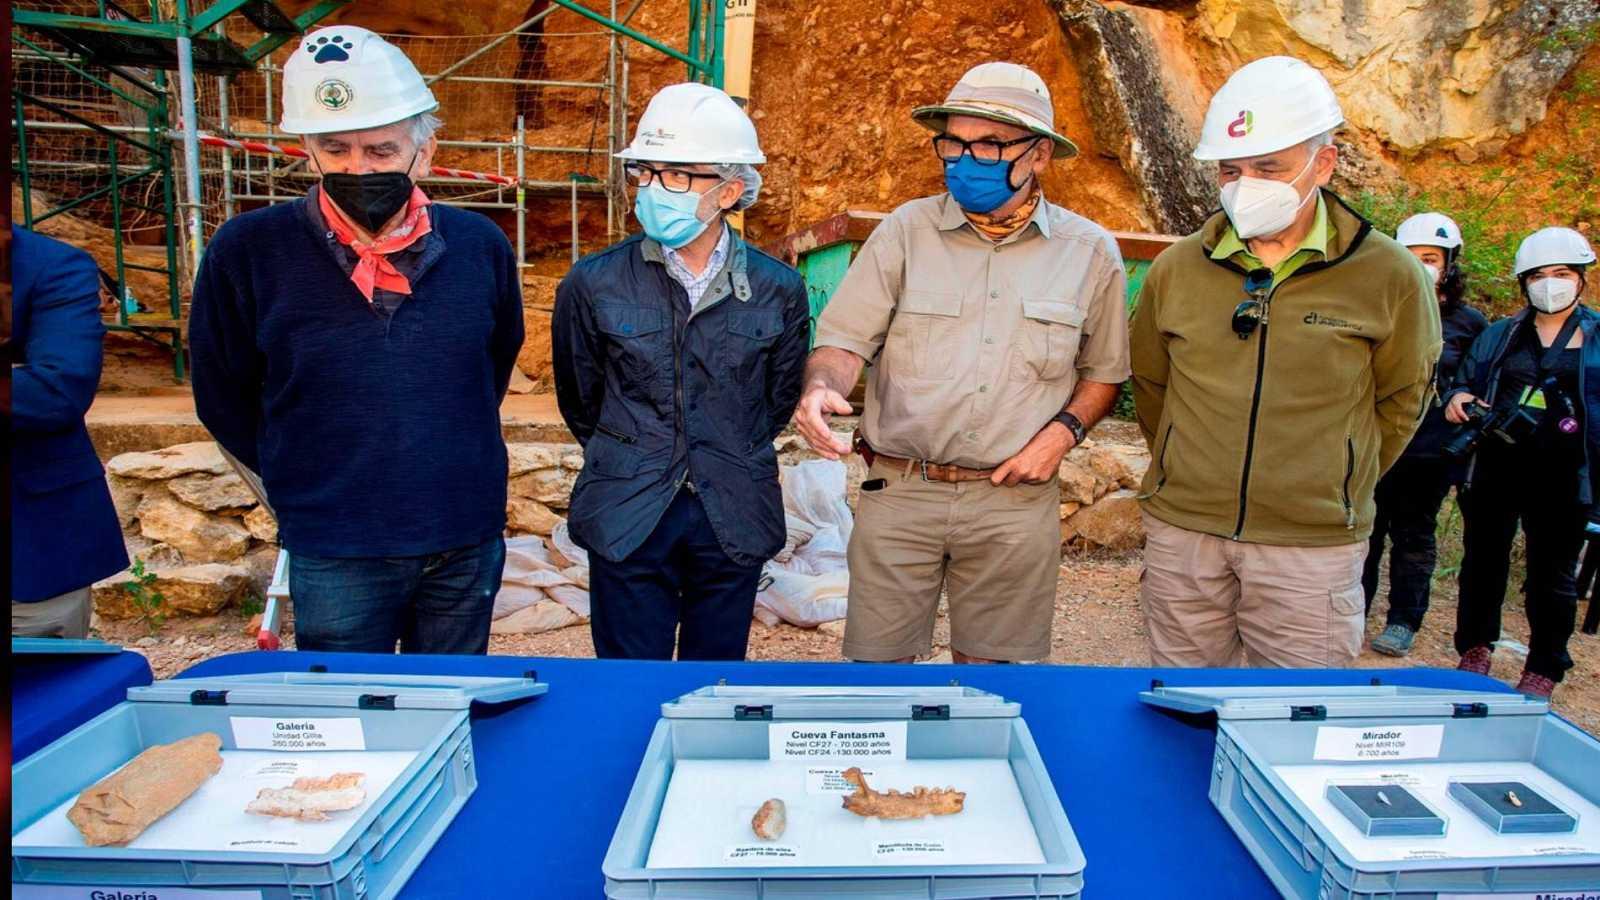 Atapuerca termina la temporada de excavaciones con nuevos hallazgos sobre la evolución humana